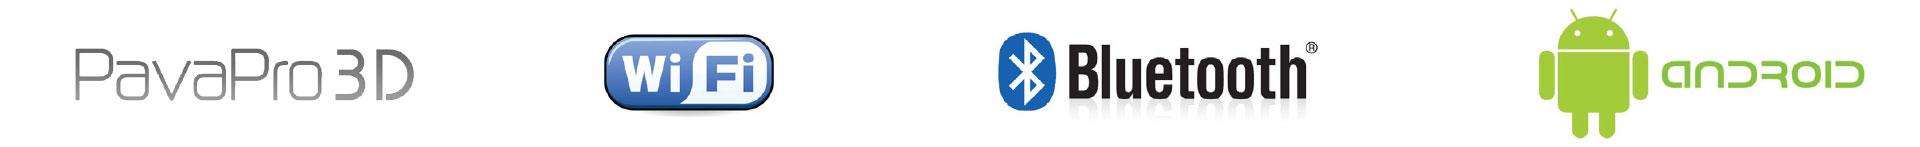 pavapro 3d logos